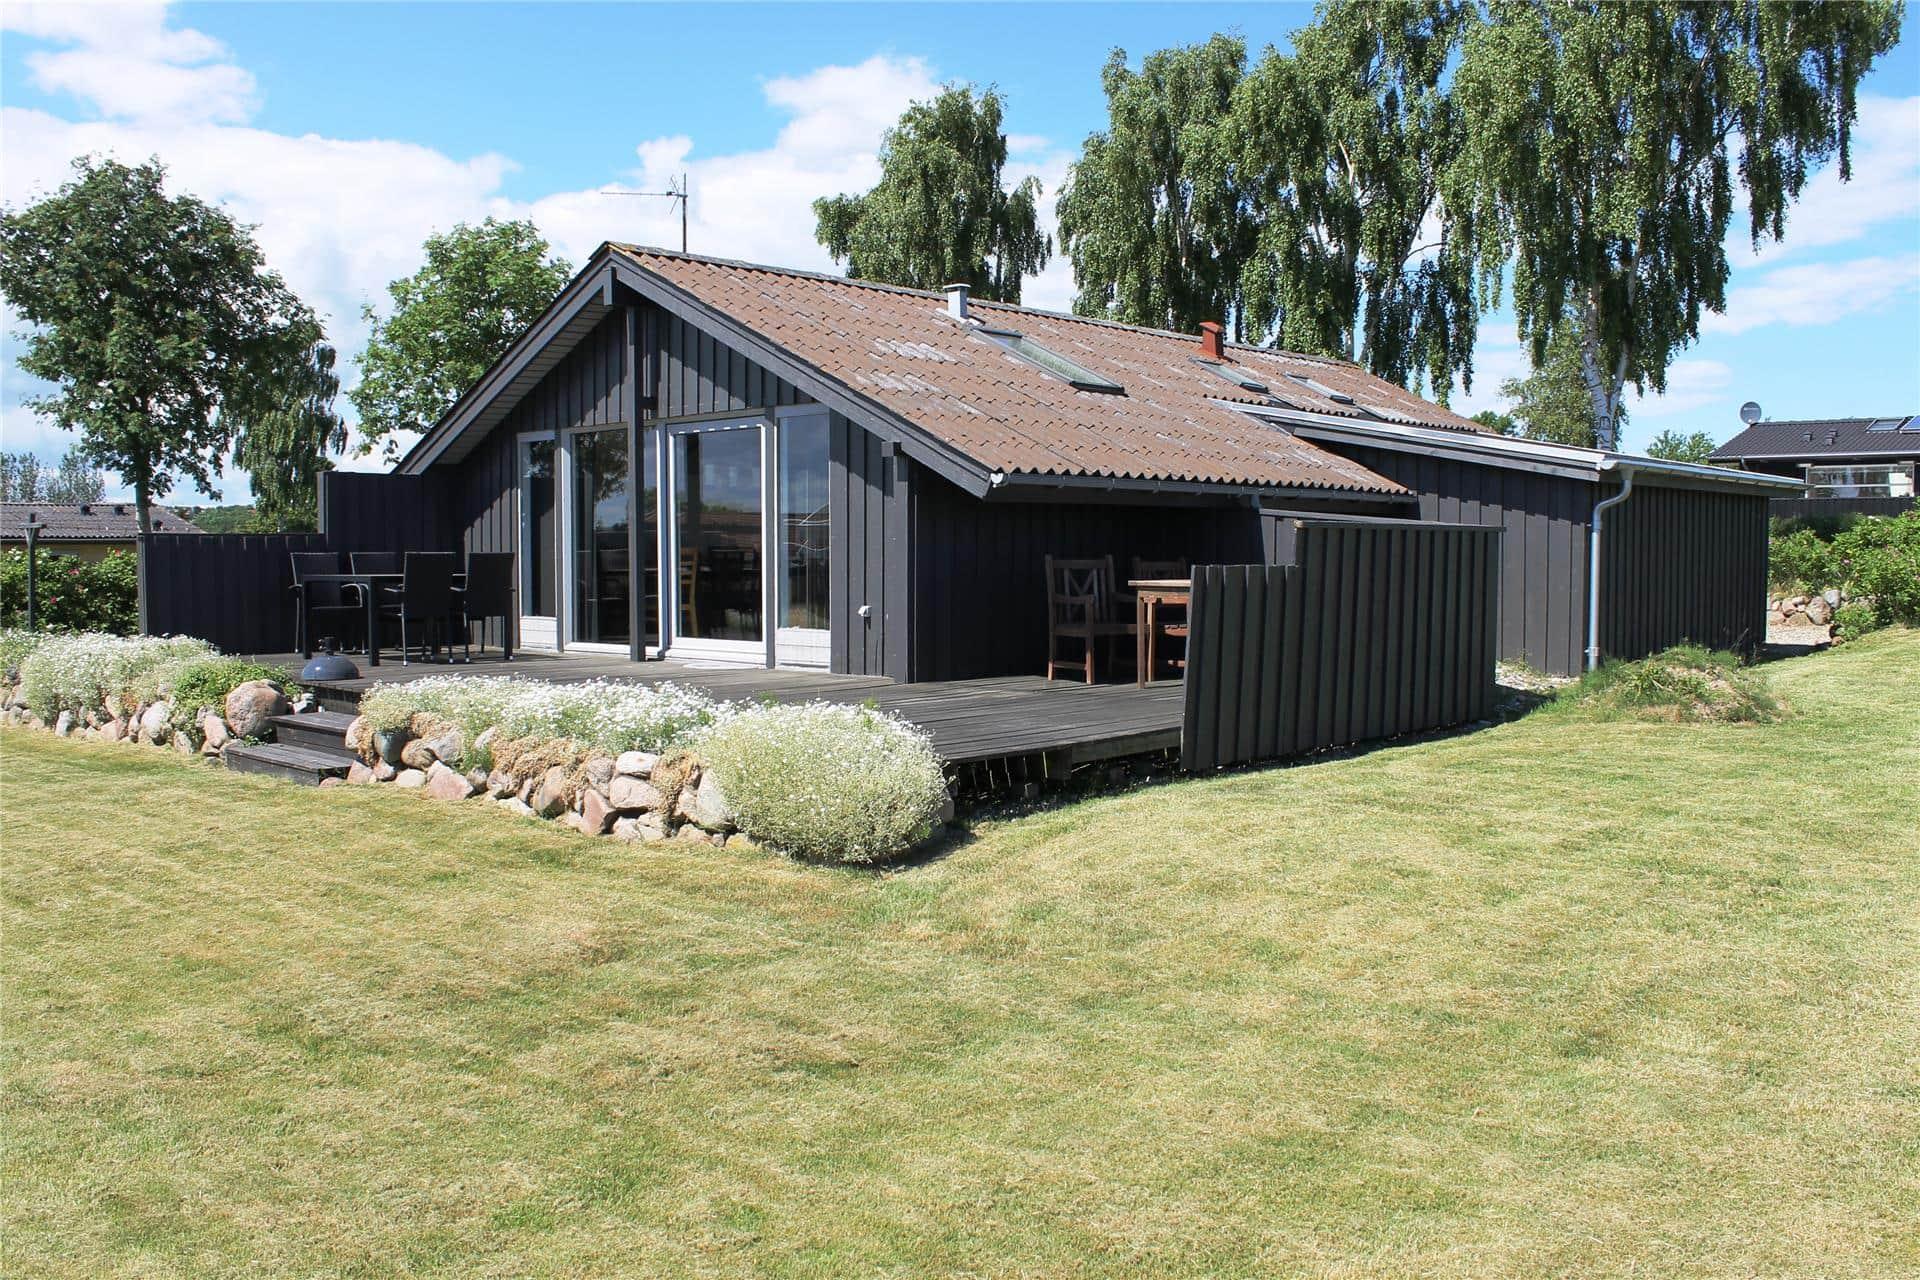 Afbeelding 1-23 Vakantiehuis 8441, Præstekravevej 42, DK - 8410 Rønde